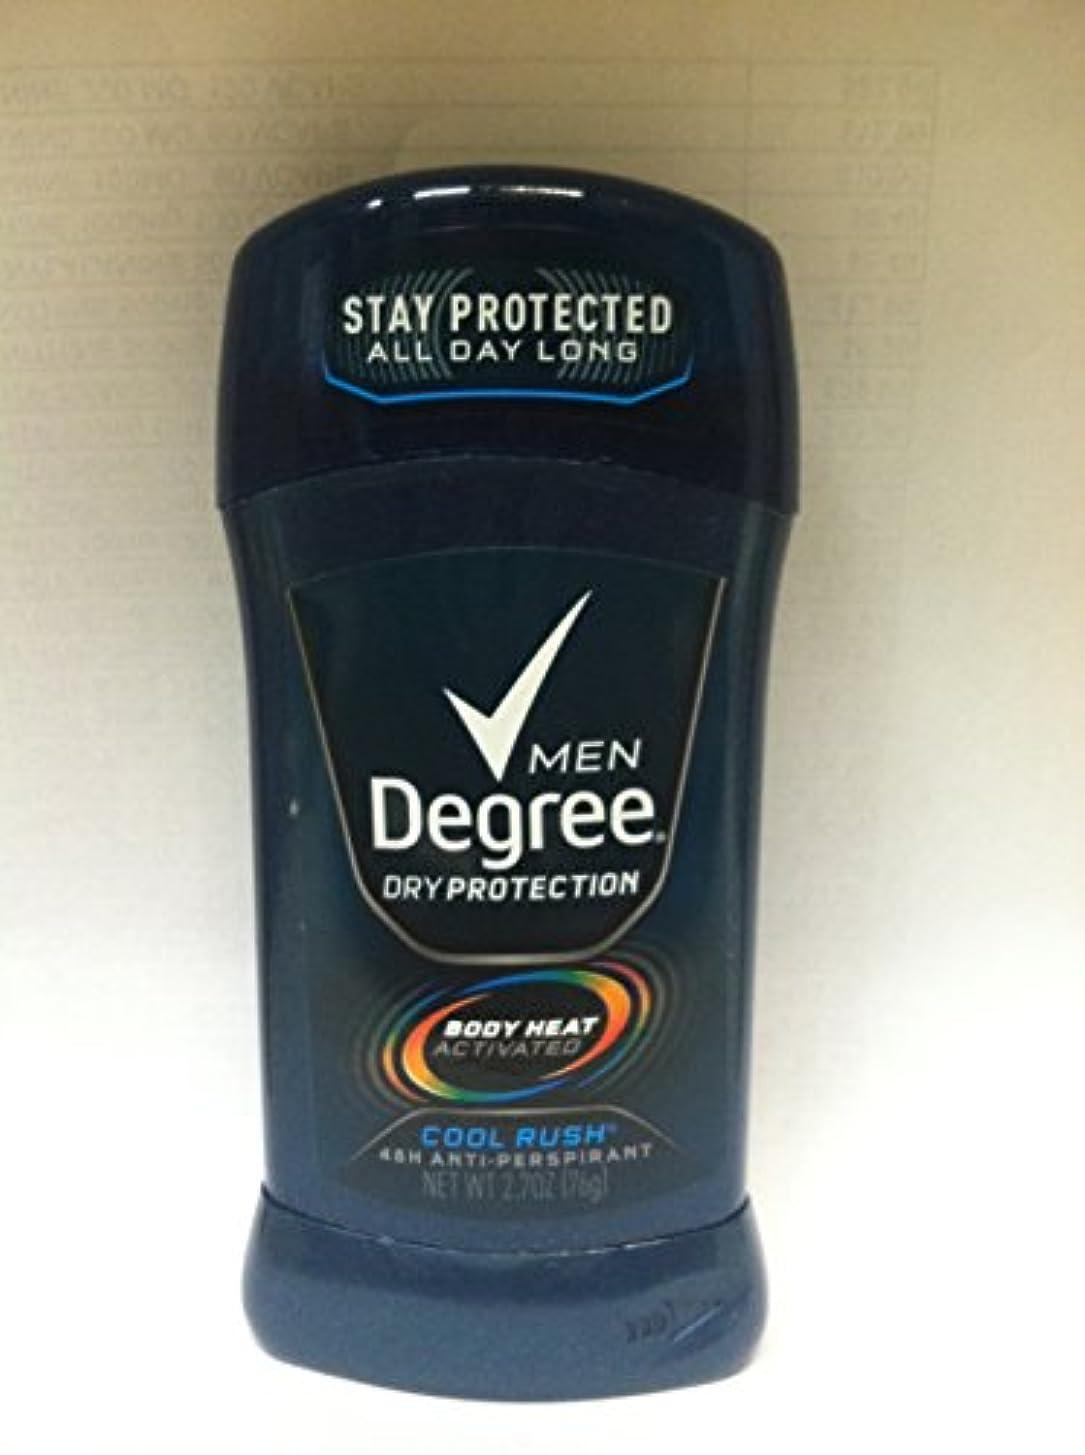 十分動機瞑想的ディグリー Degree 固形 メンズ デオドラント クールラッシュ メンソールの香り 制汗剤 85g